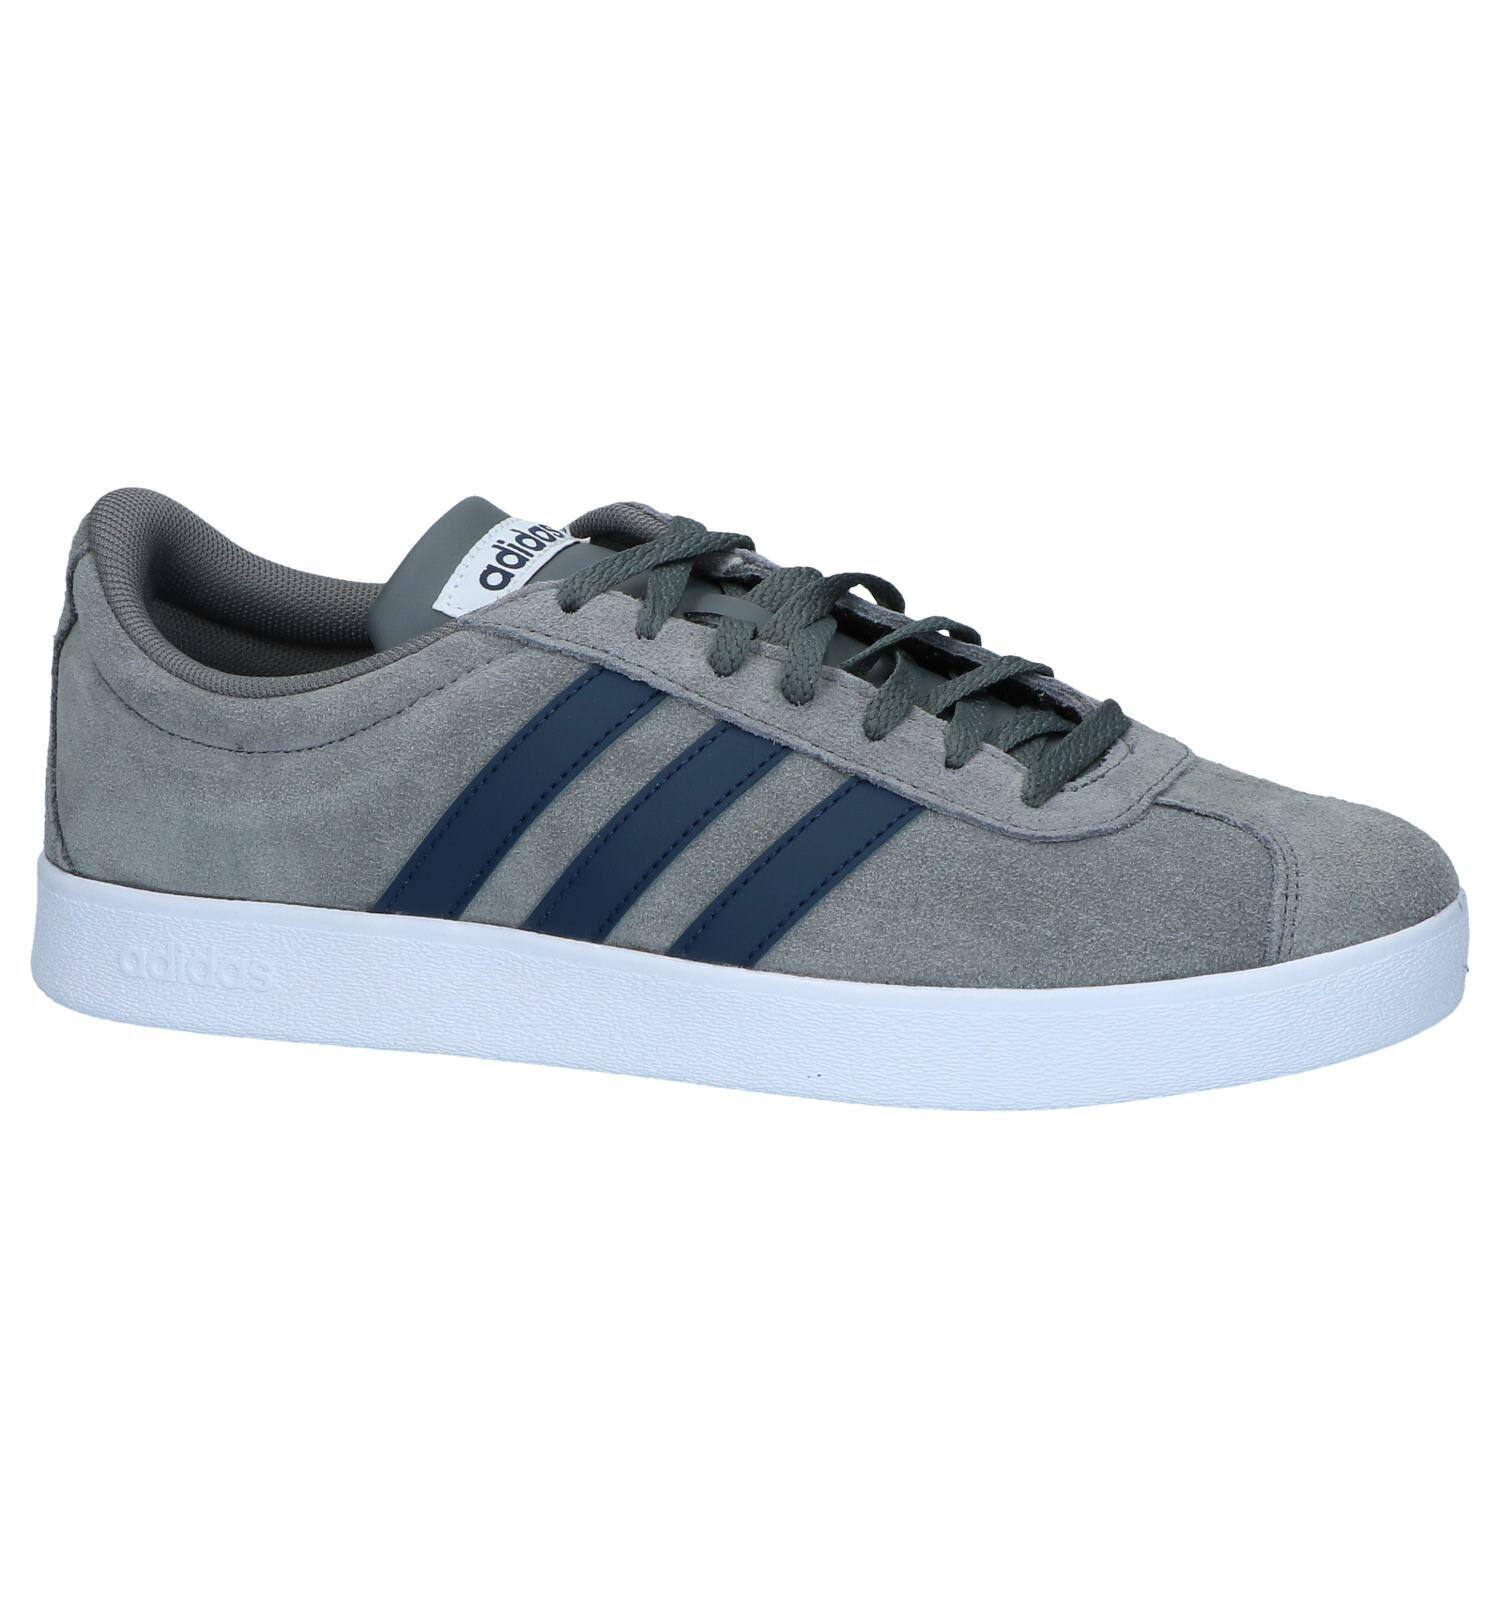 Donkergrijze Sneakers adidas VL Court 2.0 ⇒ Beste prijs €65